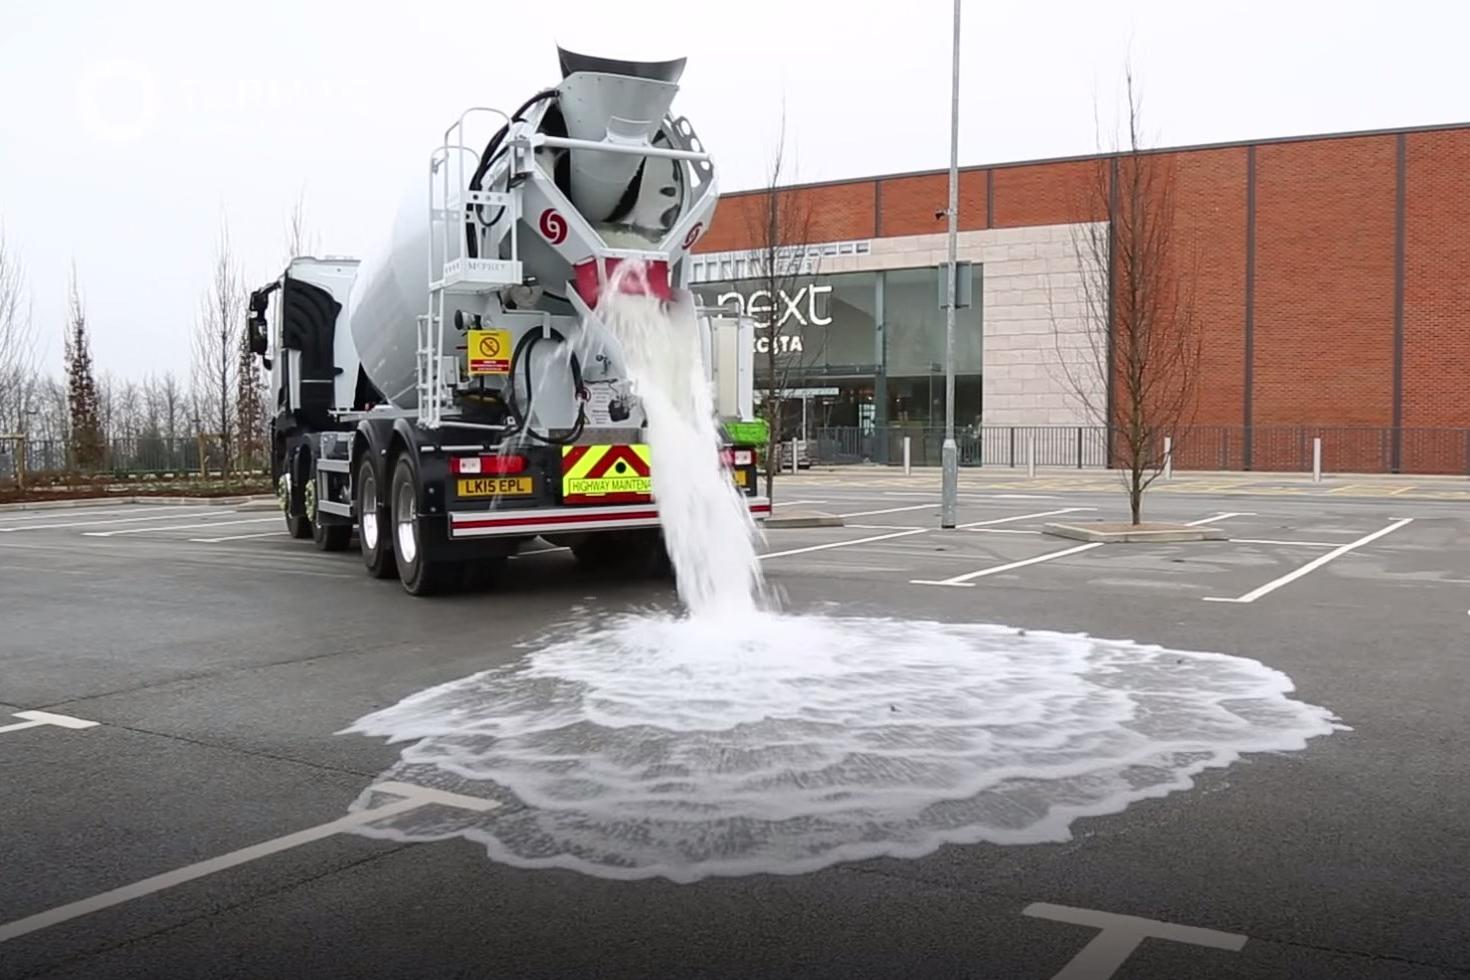 Assista a um piso de concreto absorver 4 mil litros de água em 60 segundos